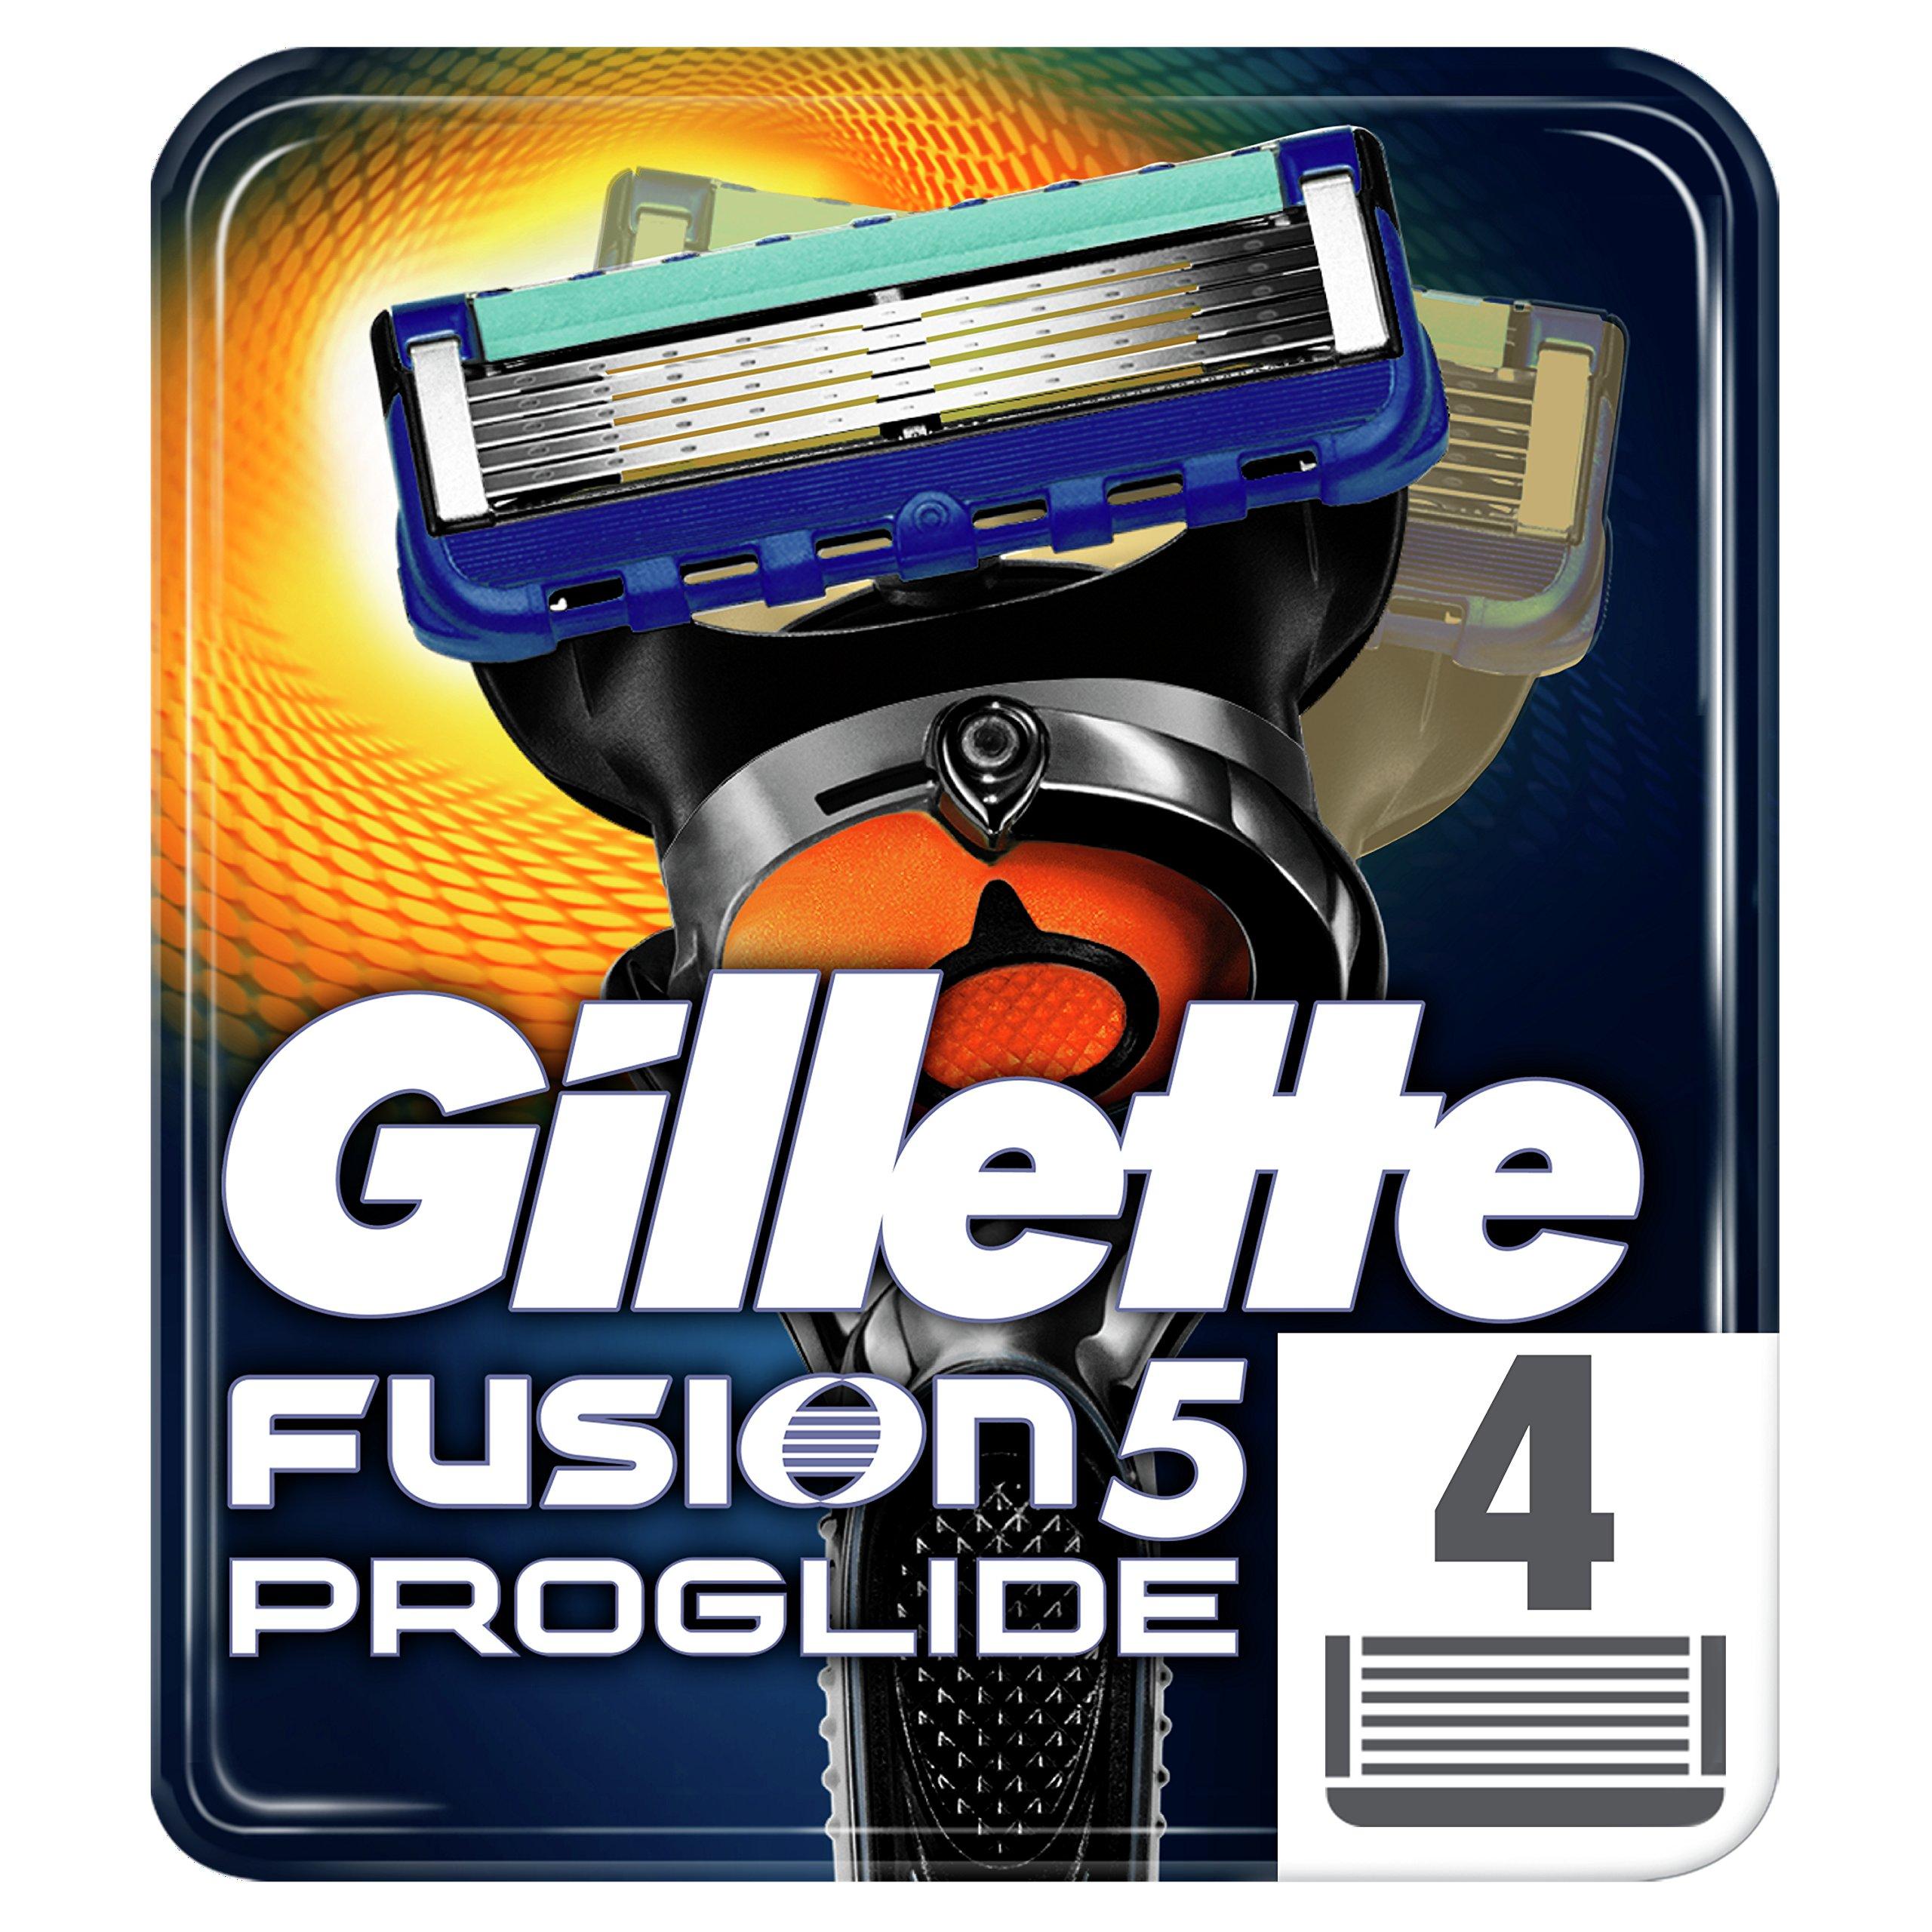 Gillette Fusion ProGlide Men's Razor Blades, 4 Blades product image